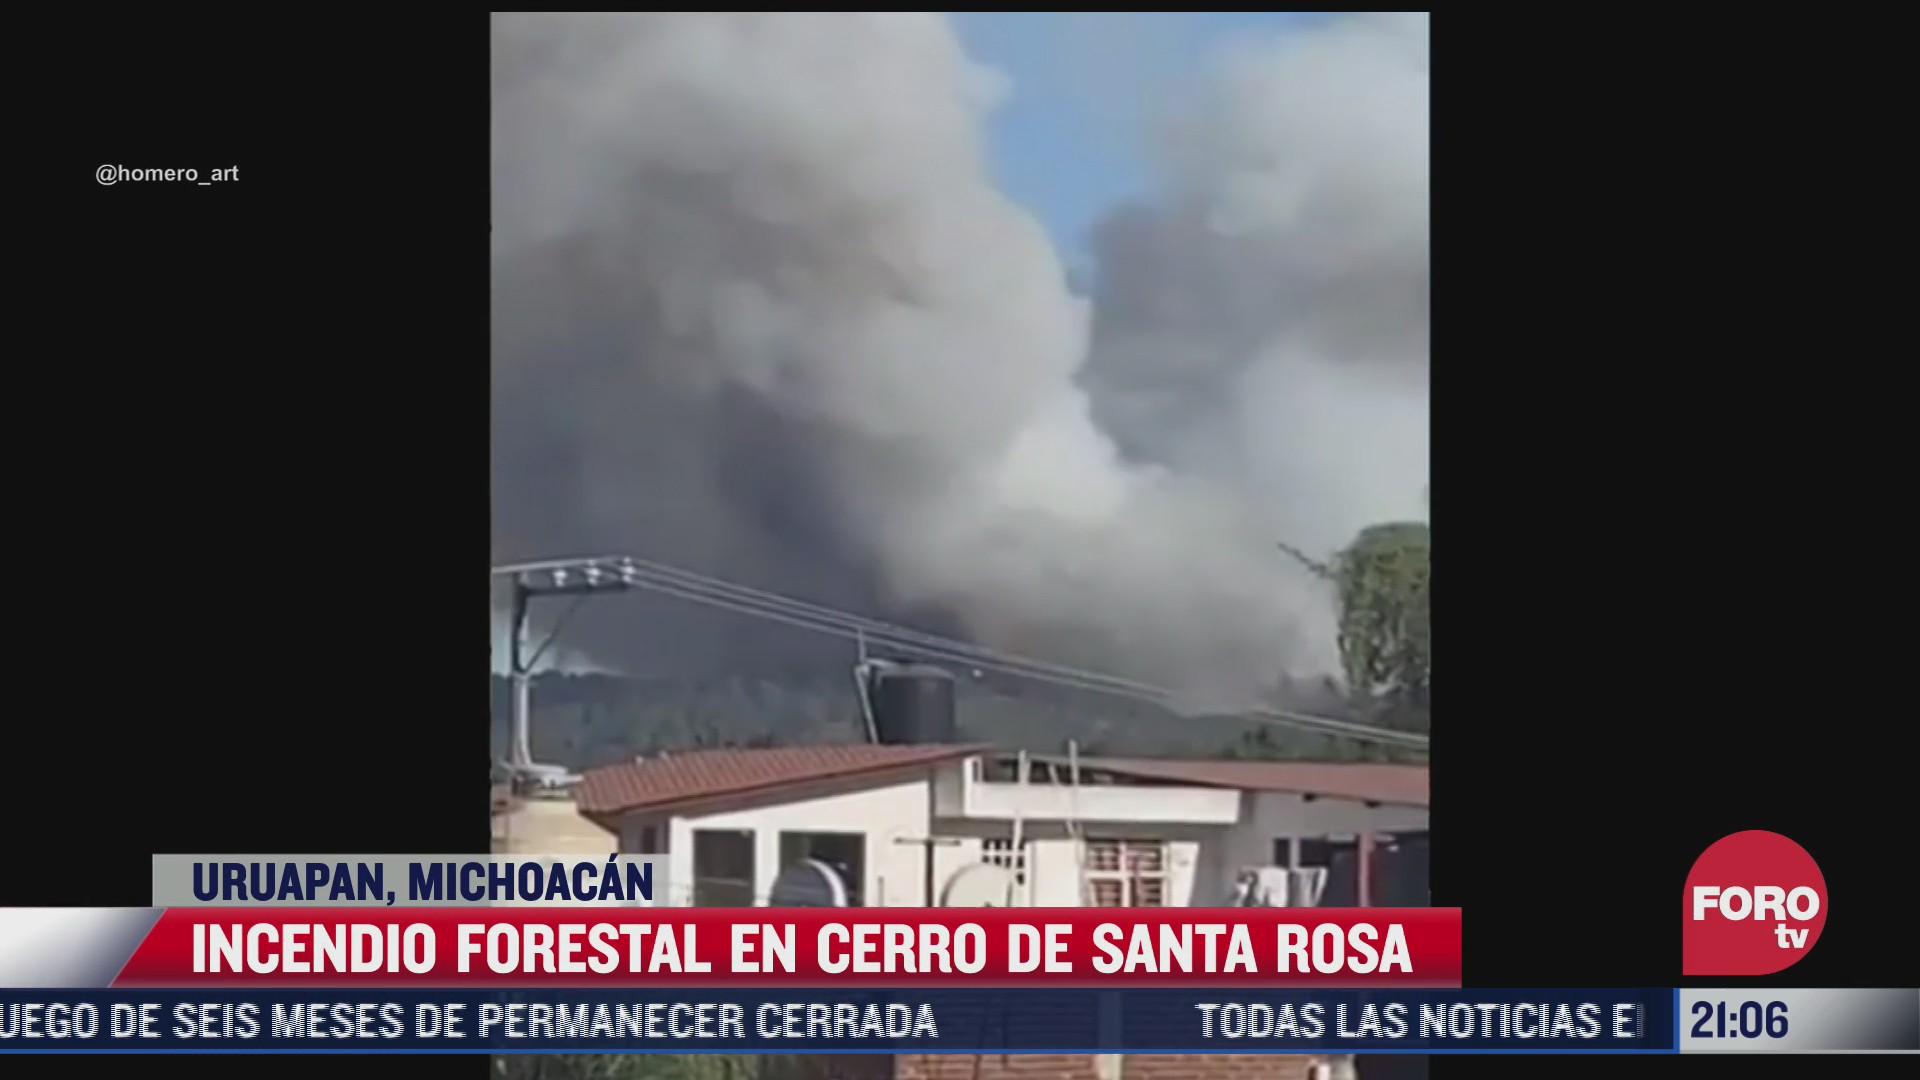 incendio forestal en cerro de santa rosa en michoacan